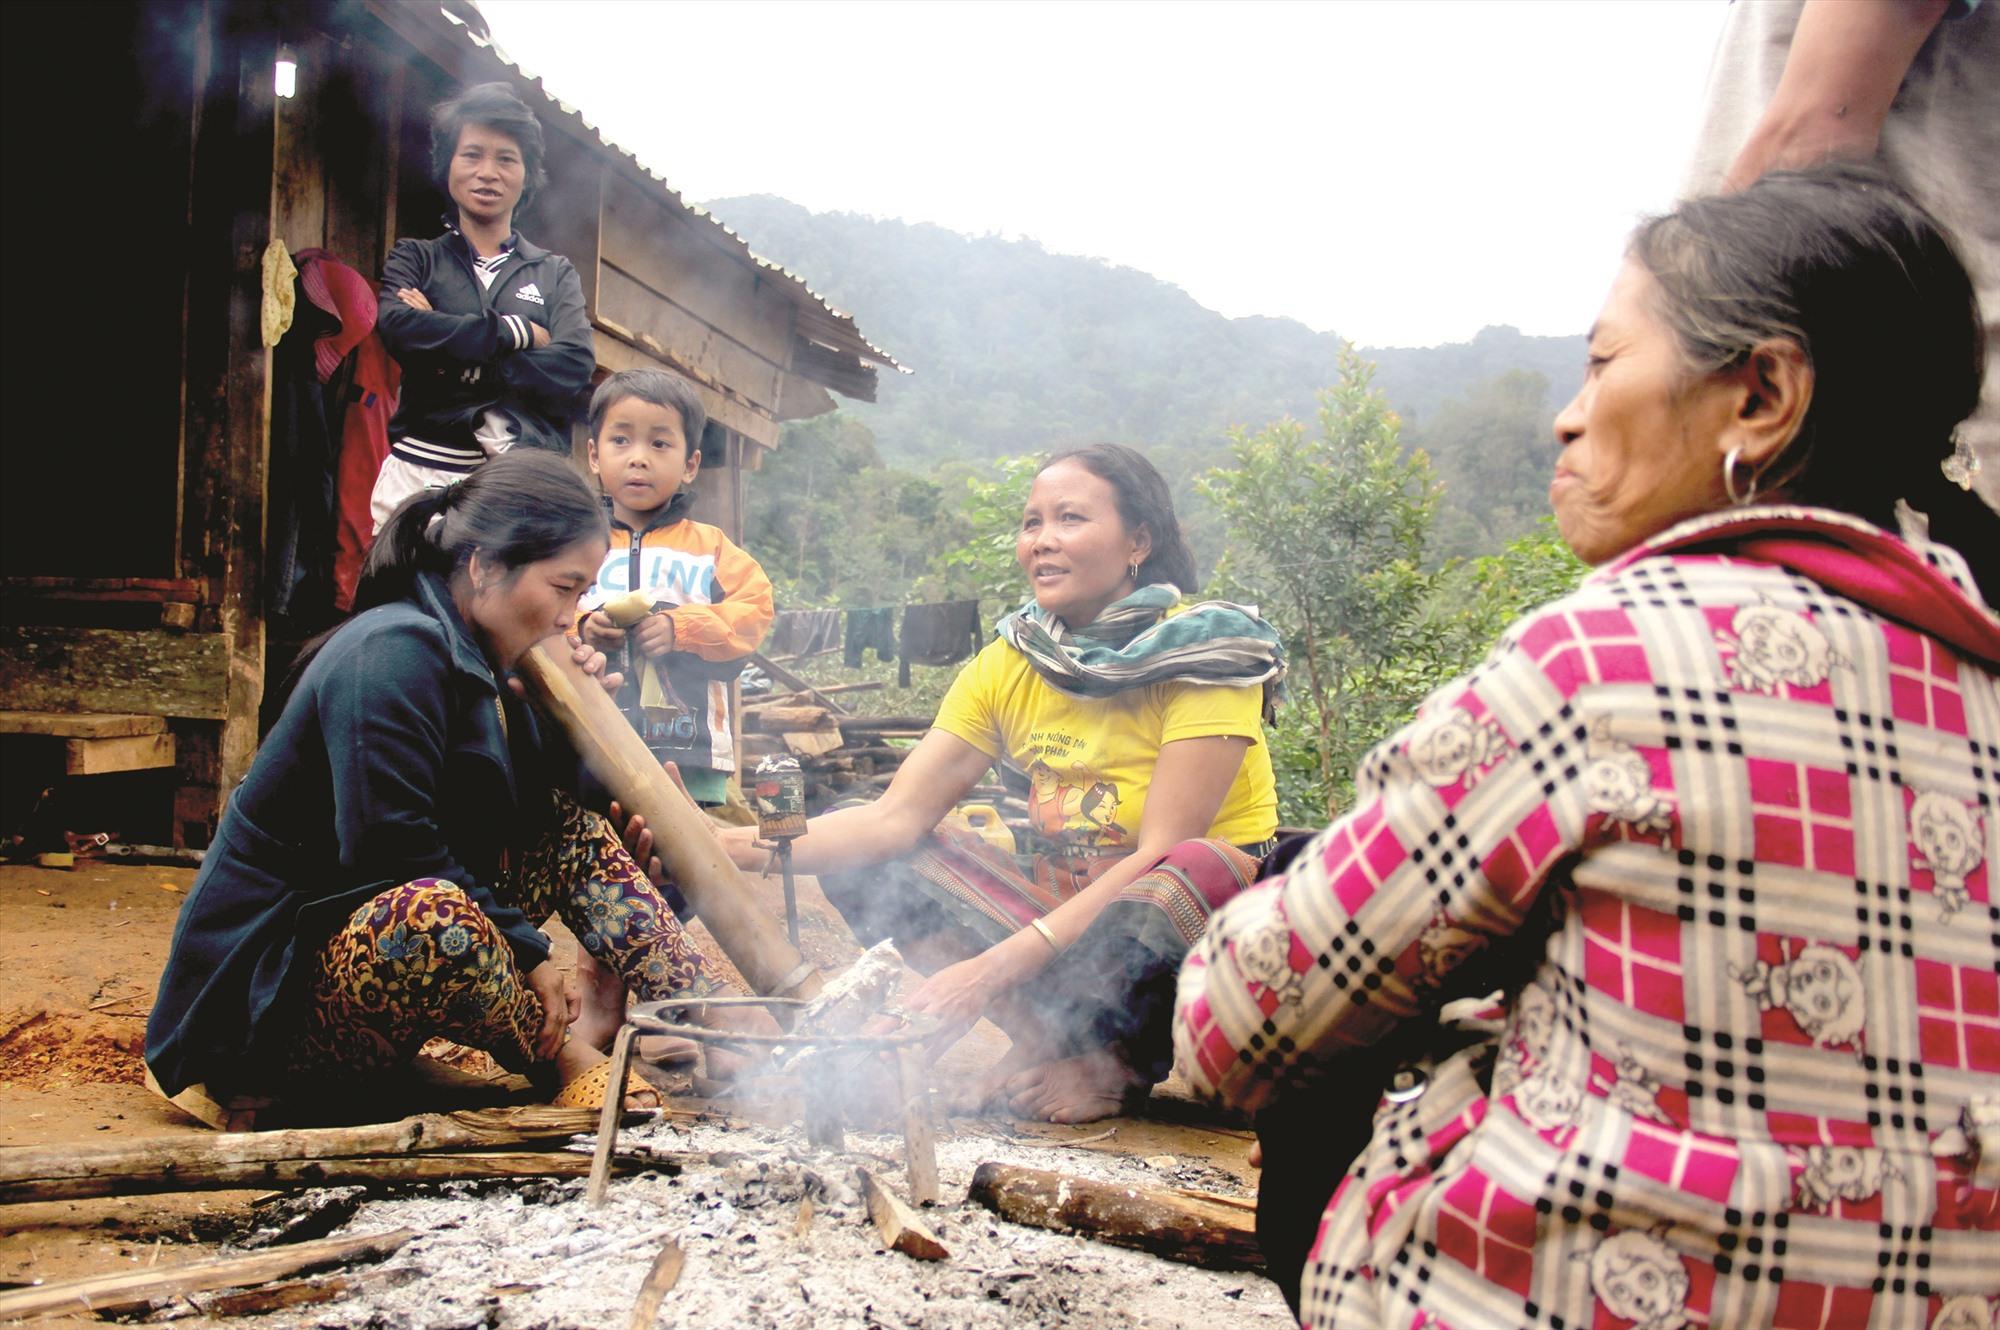 Mùa đông lạnh, người vùng cao đốt lửa để sưởi ấm.